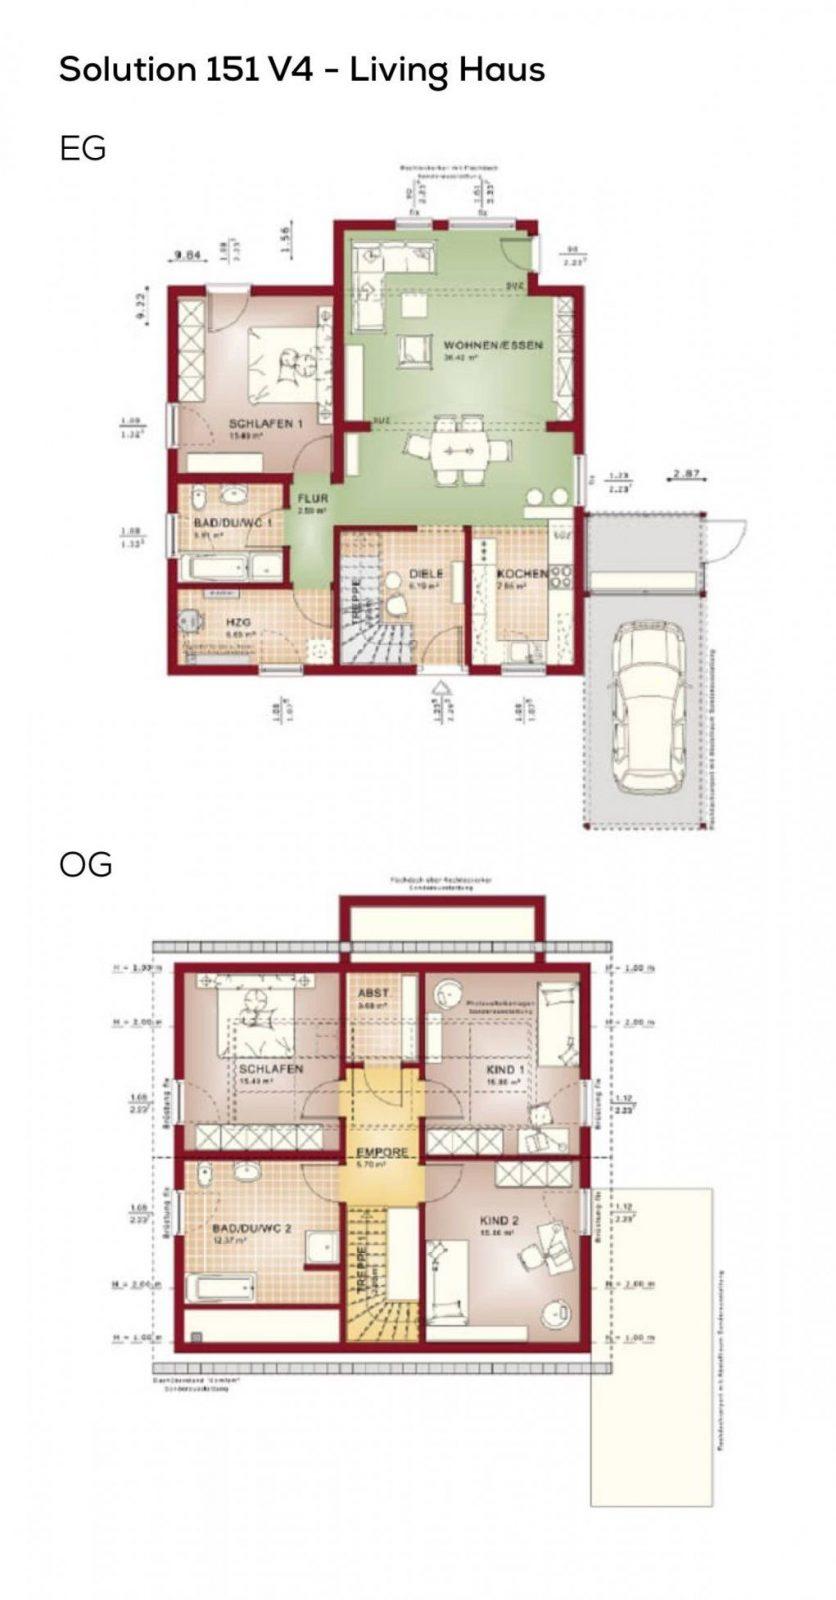 Grundriss Einfamilienhaus Mit Satteldach 5 Zimmer 150 Qm Von